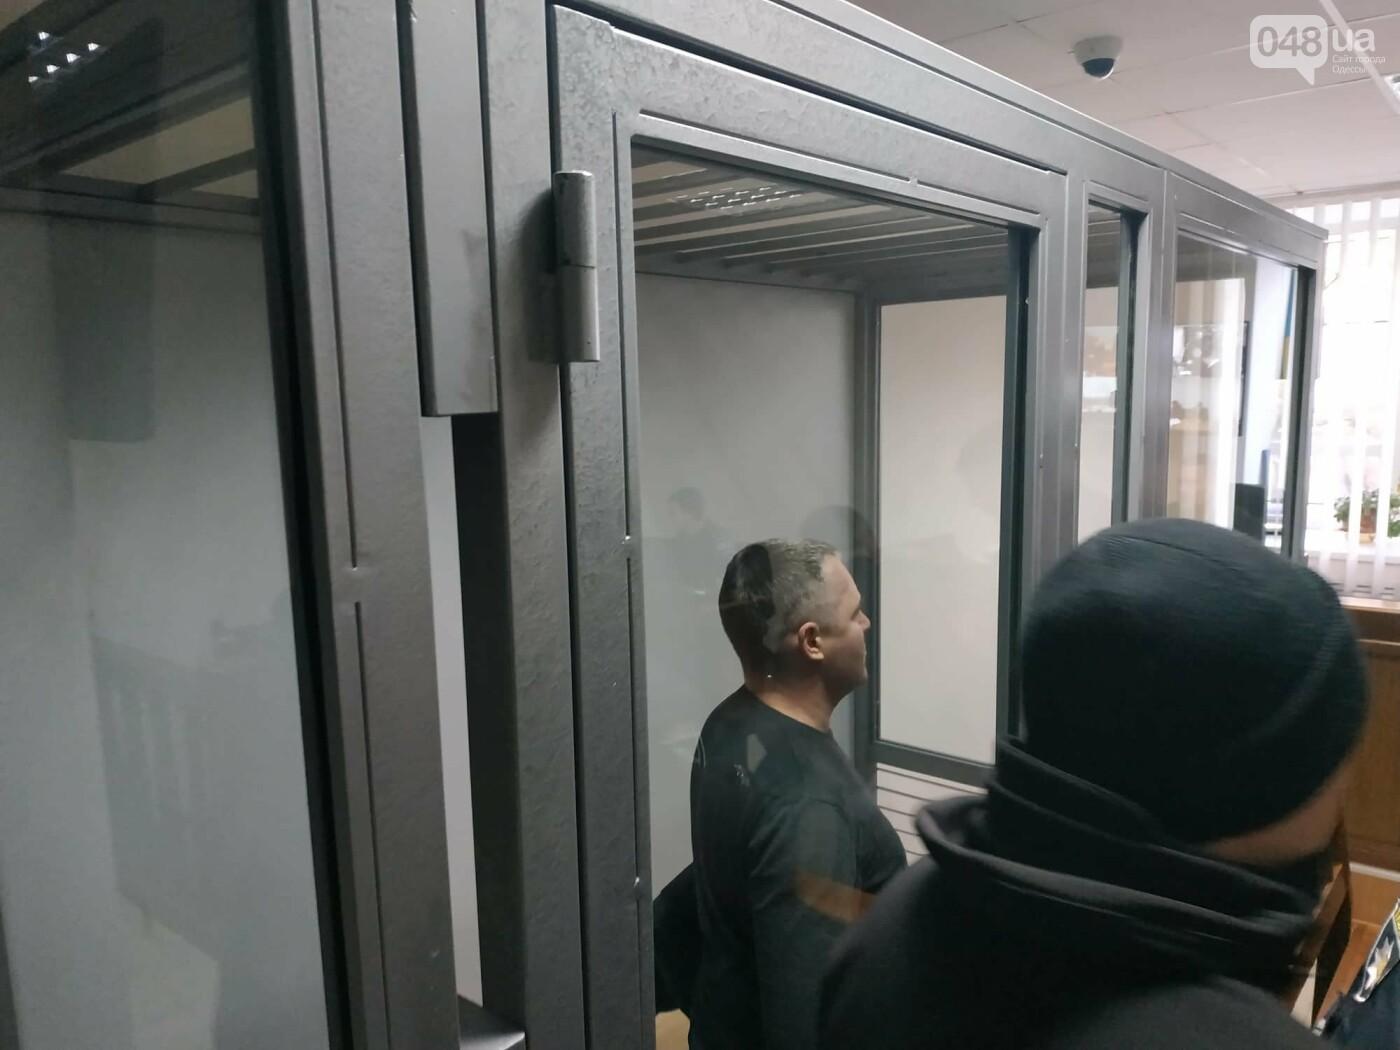 Процесс по делу одесского экс-милиционера, обвиняемого в изнасиловании, затягивается , фото-4